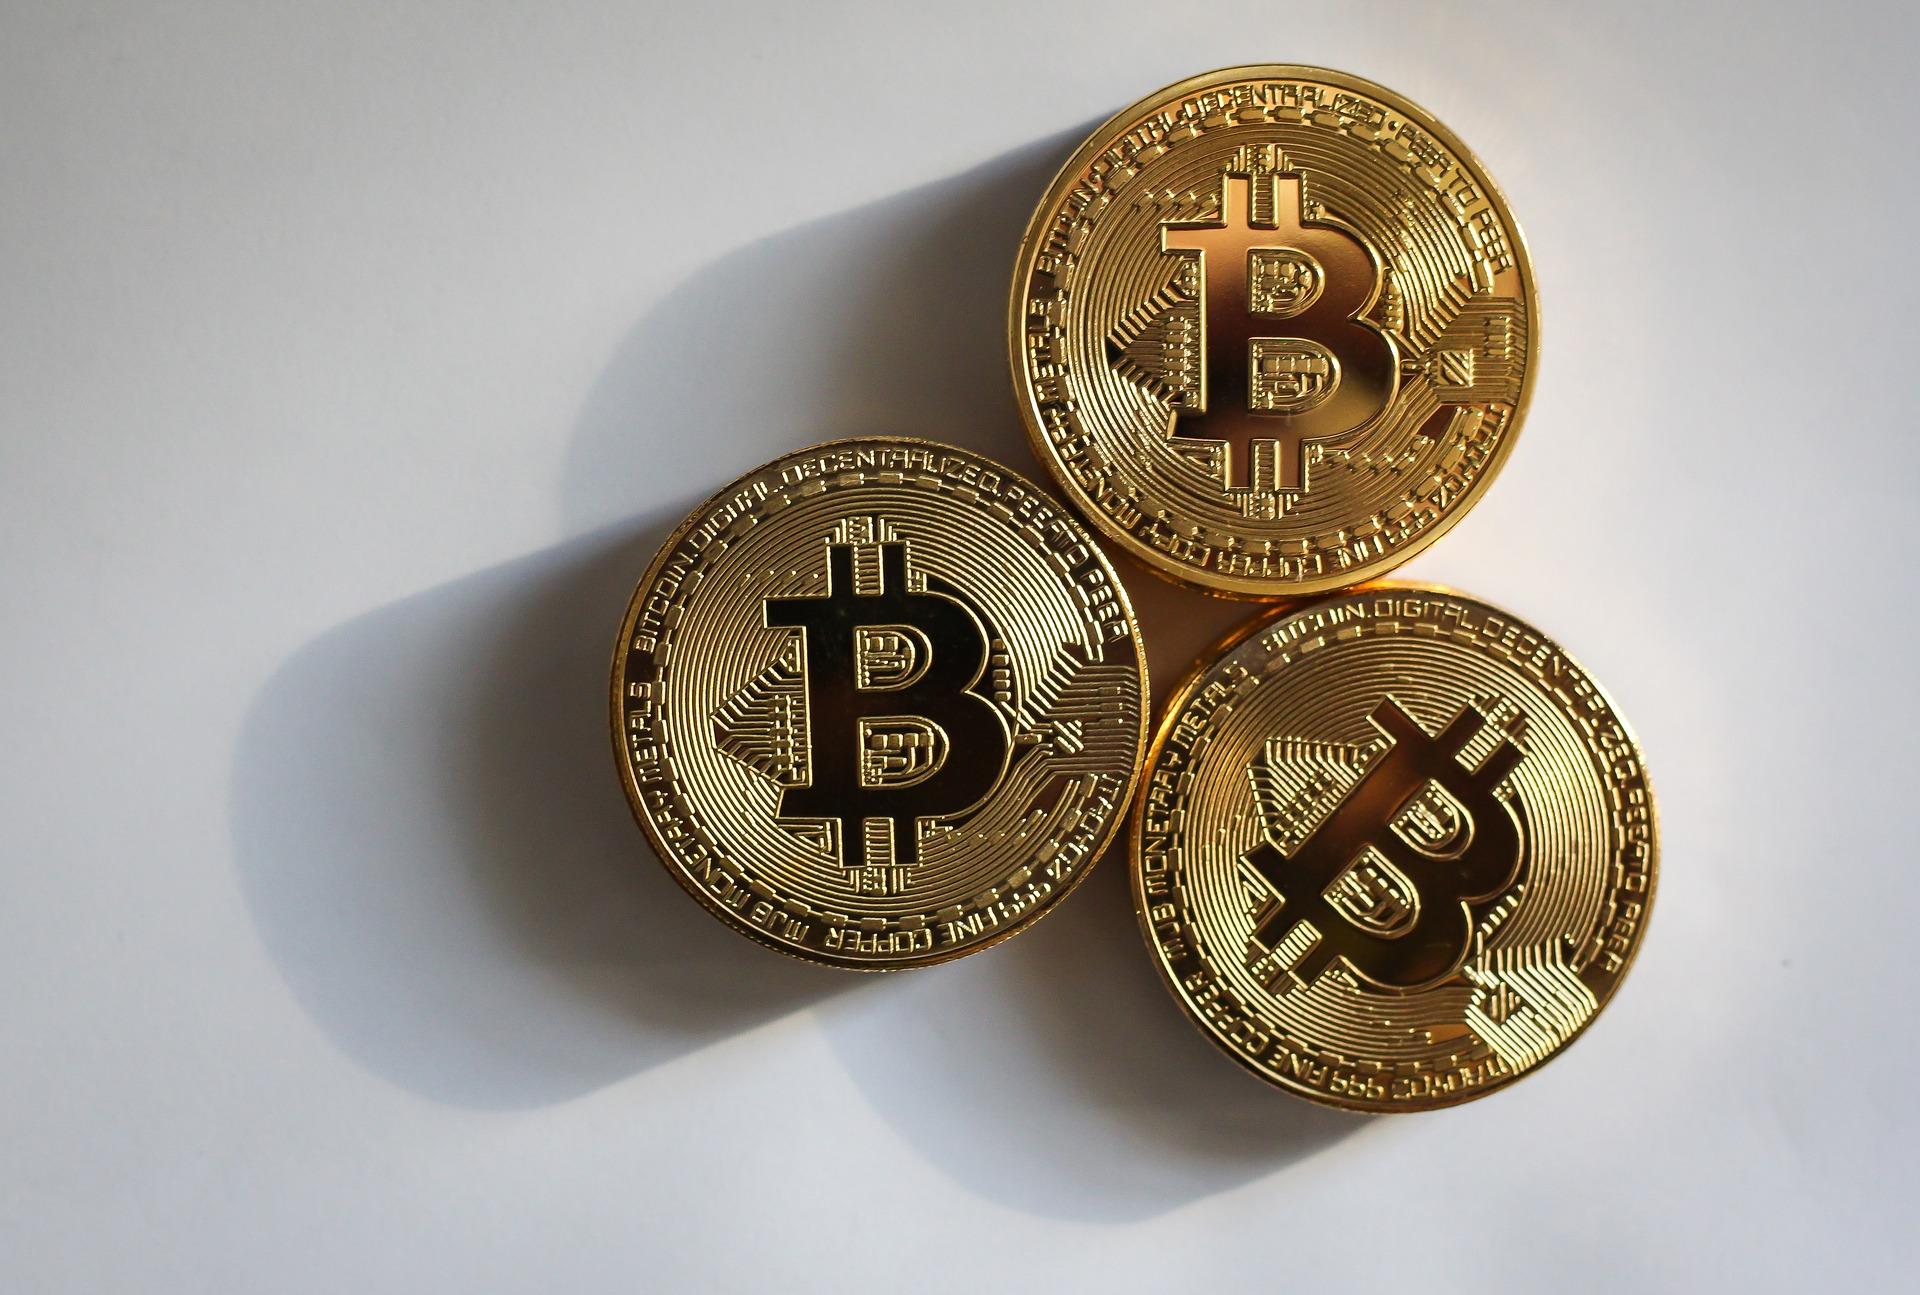 Zo wordt jij een professionele crypto handelaar